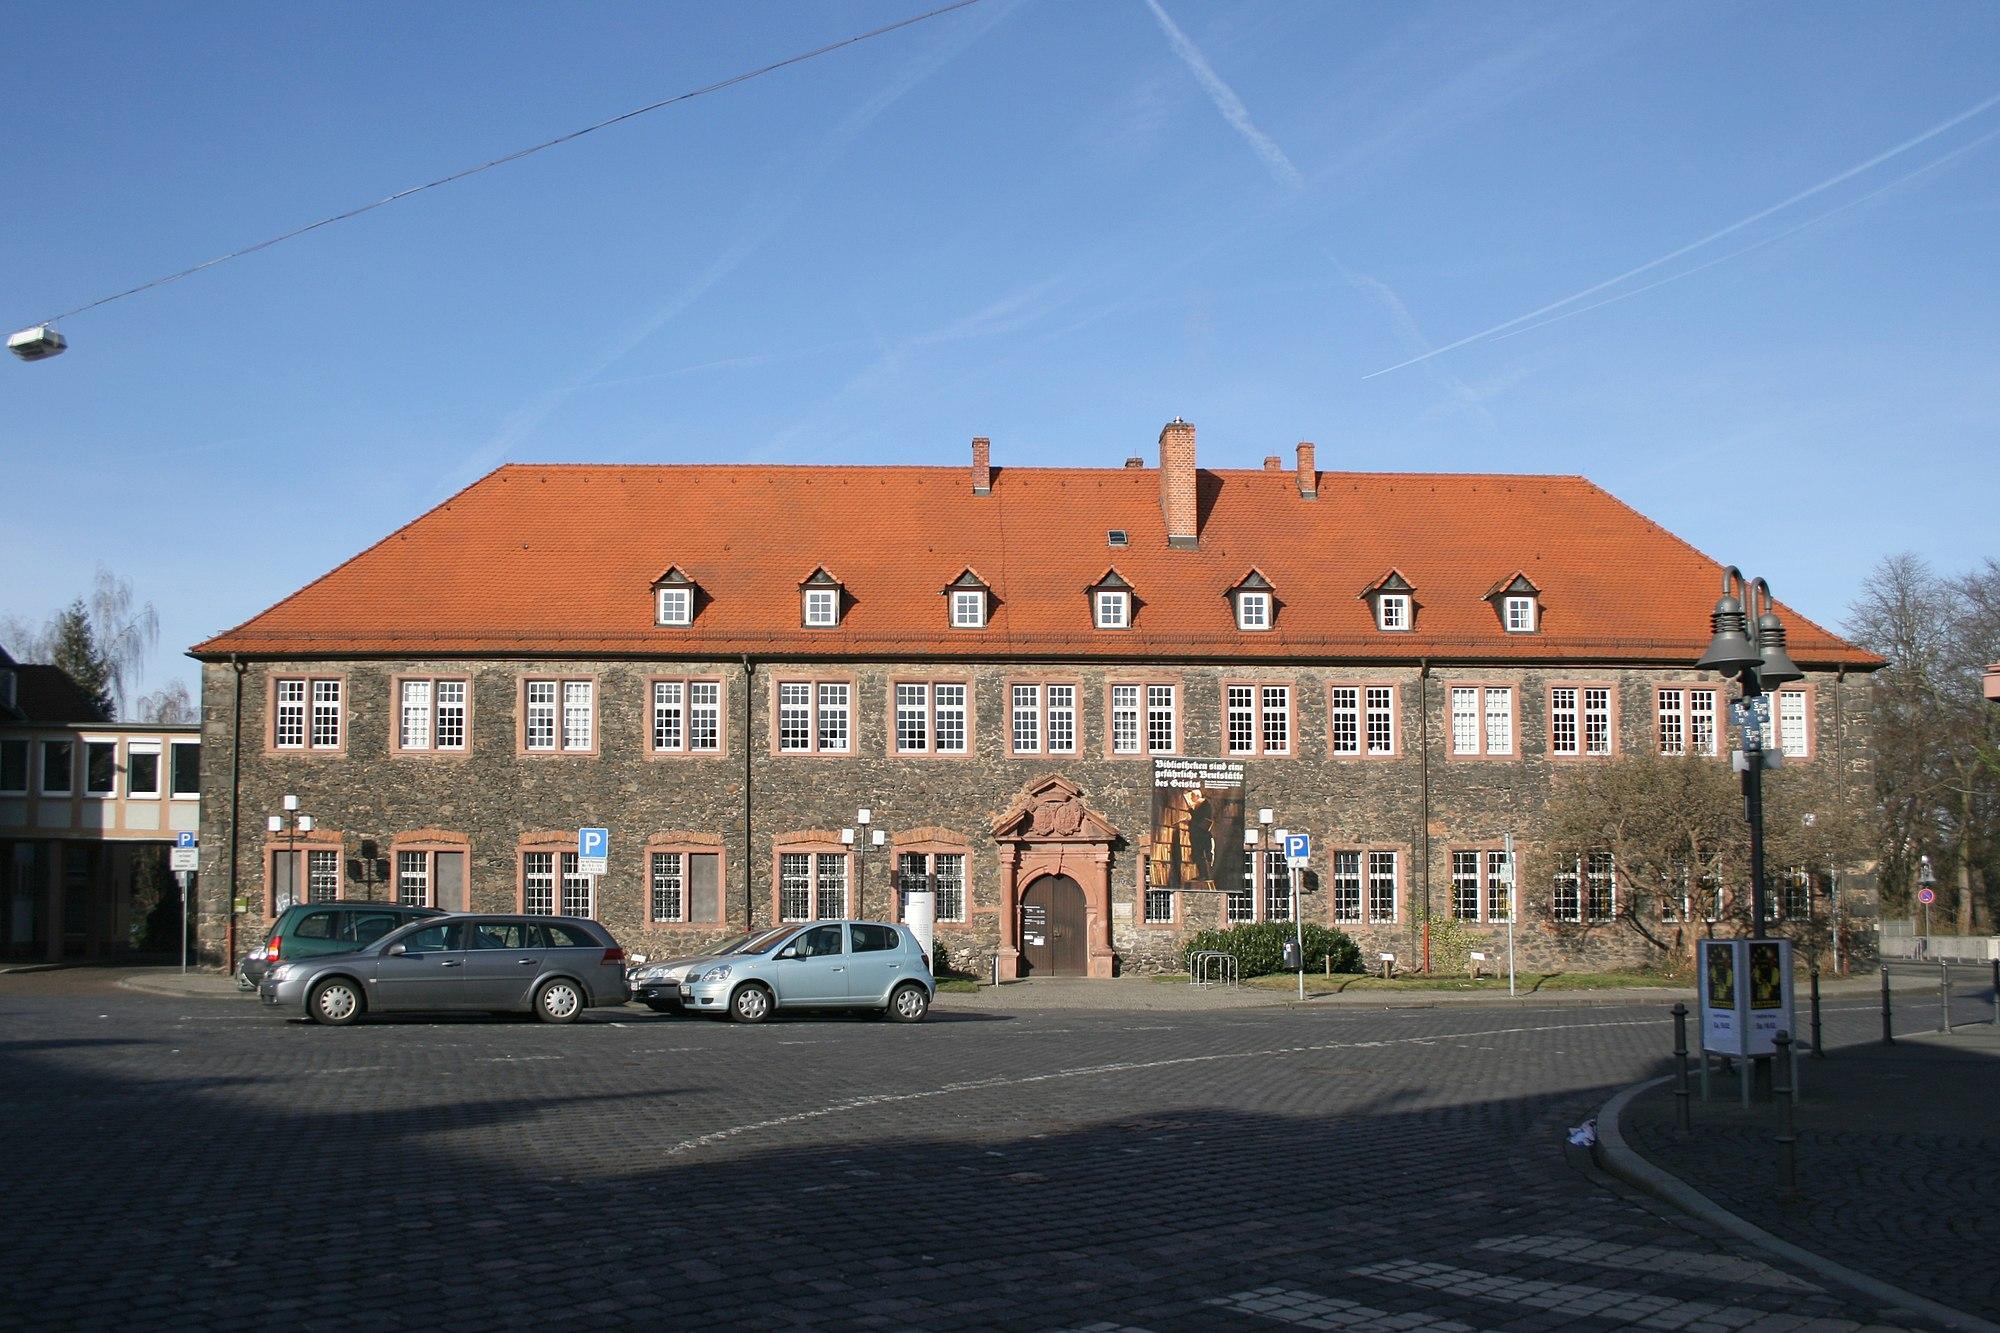 Forum Hanau Hanau